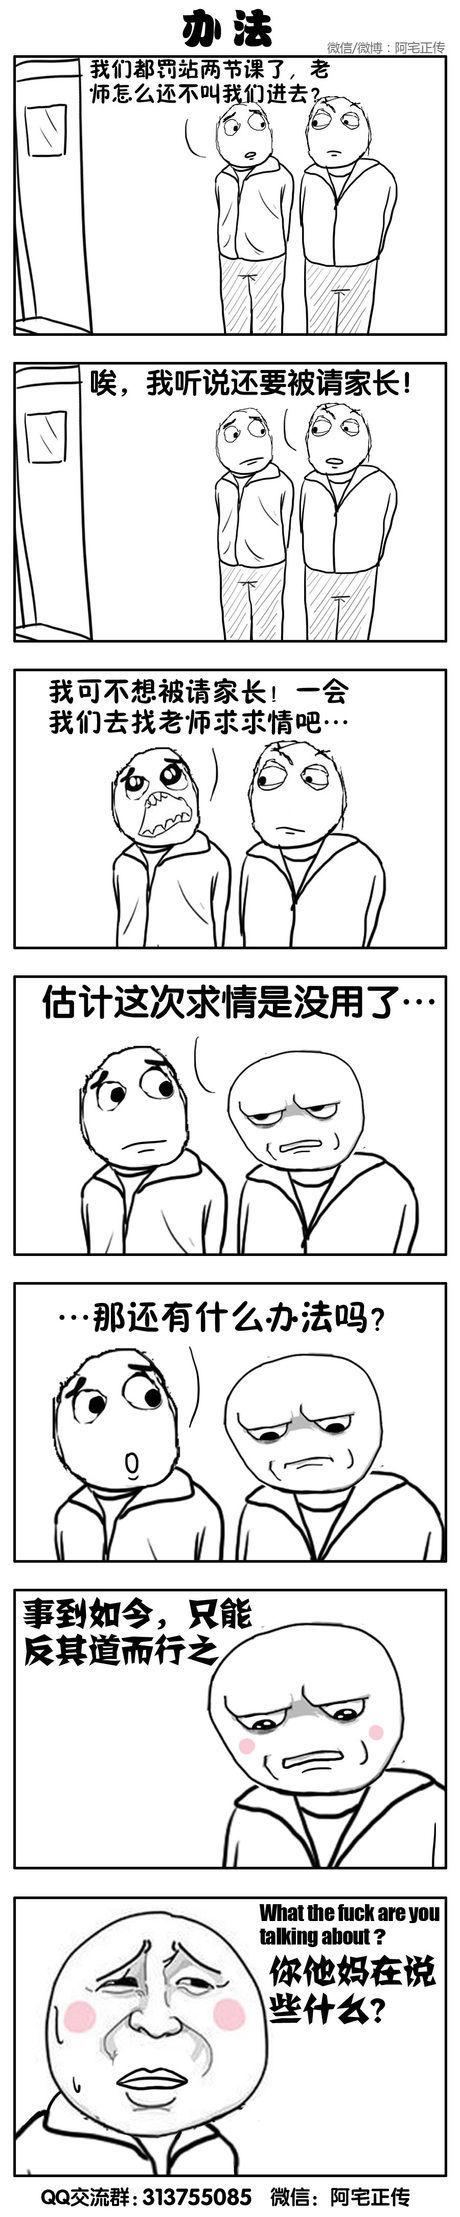 暴走漫画:妹子你妈送你这个?好吊!